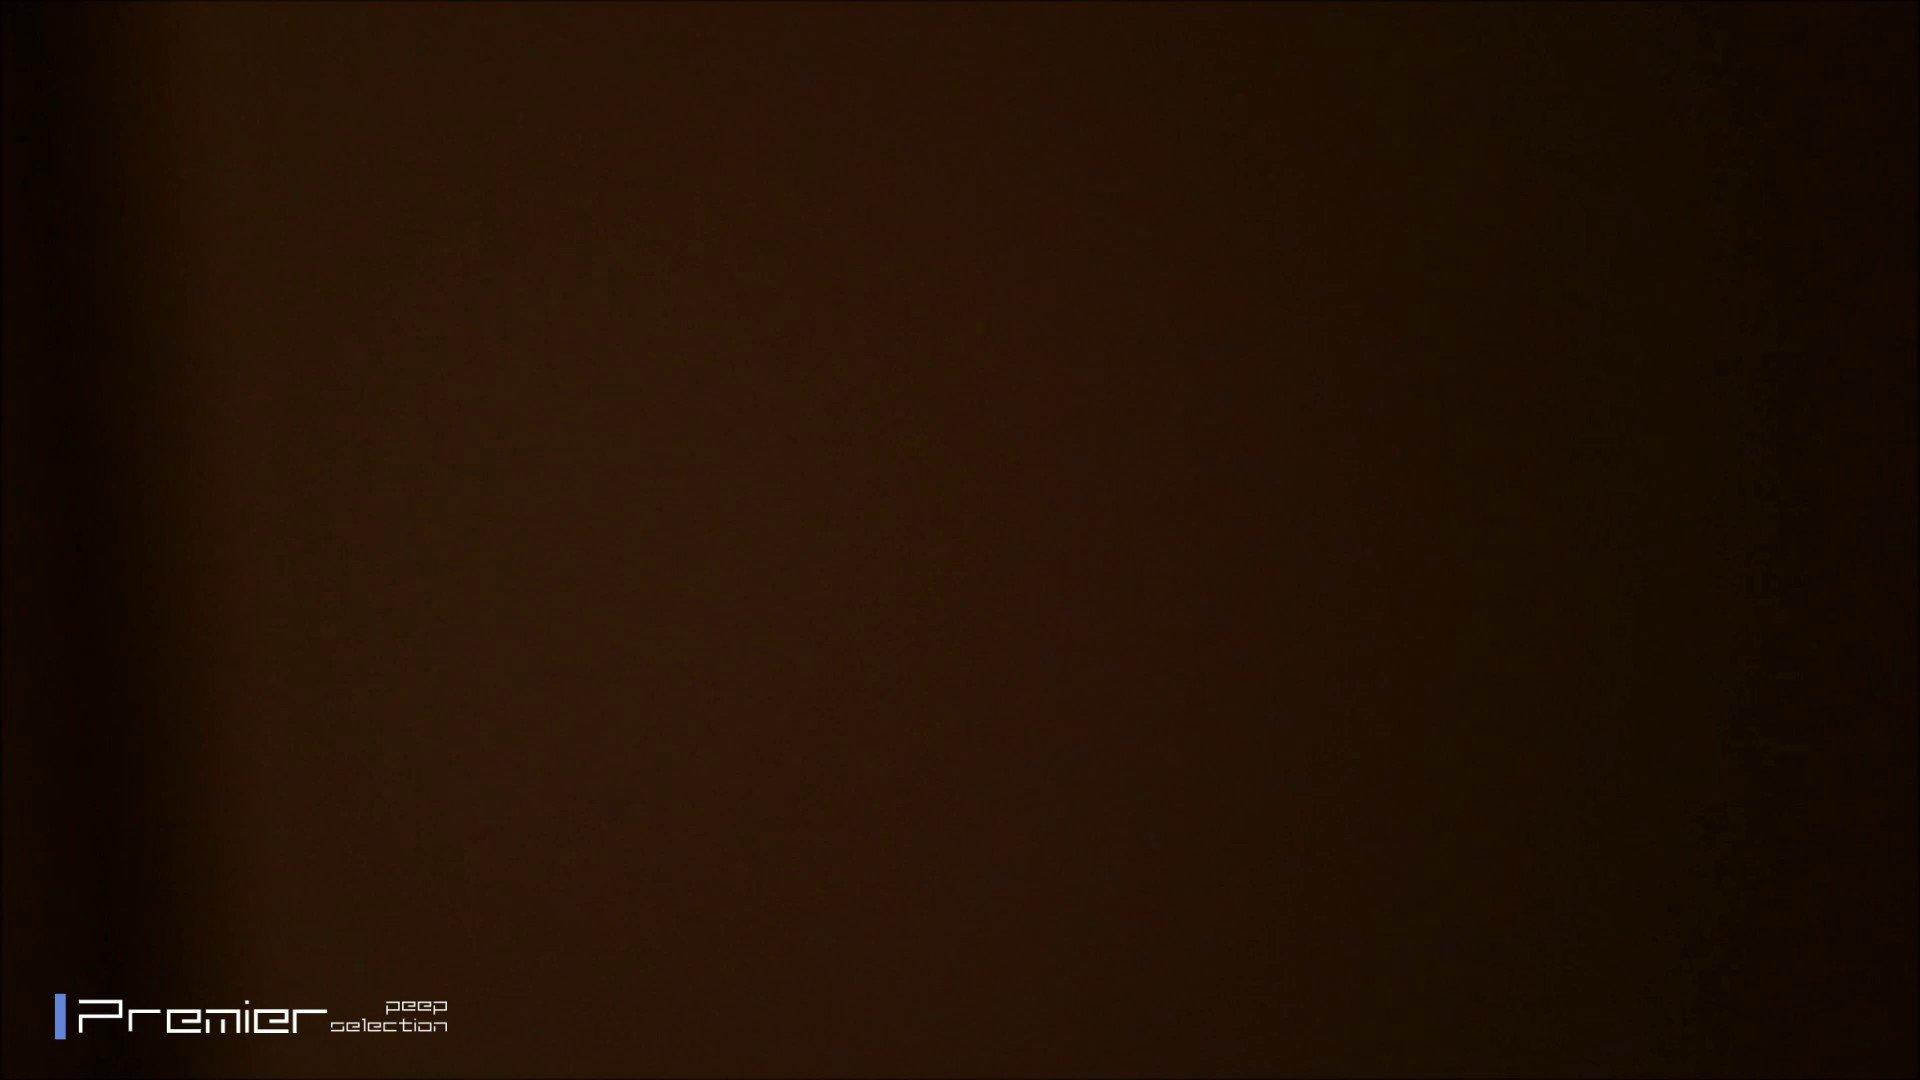 シャワーのお湯を跳ね返すお肌 乙女の風呂場 Vol.03 美乳 戯れ無修正画像 108枚 104